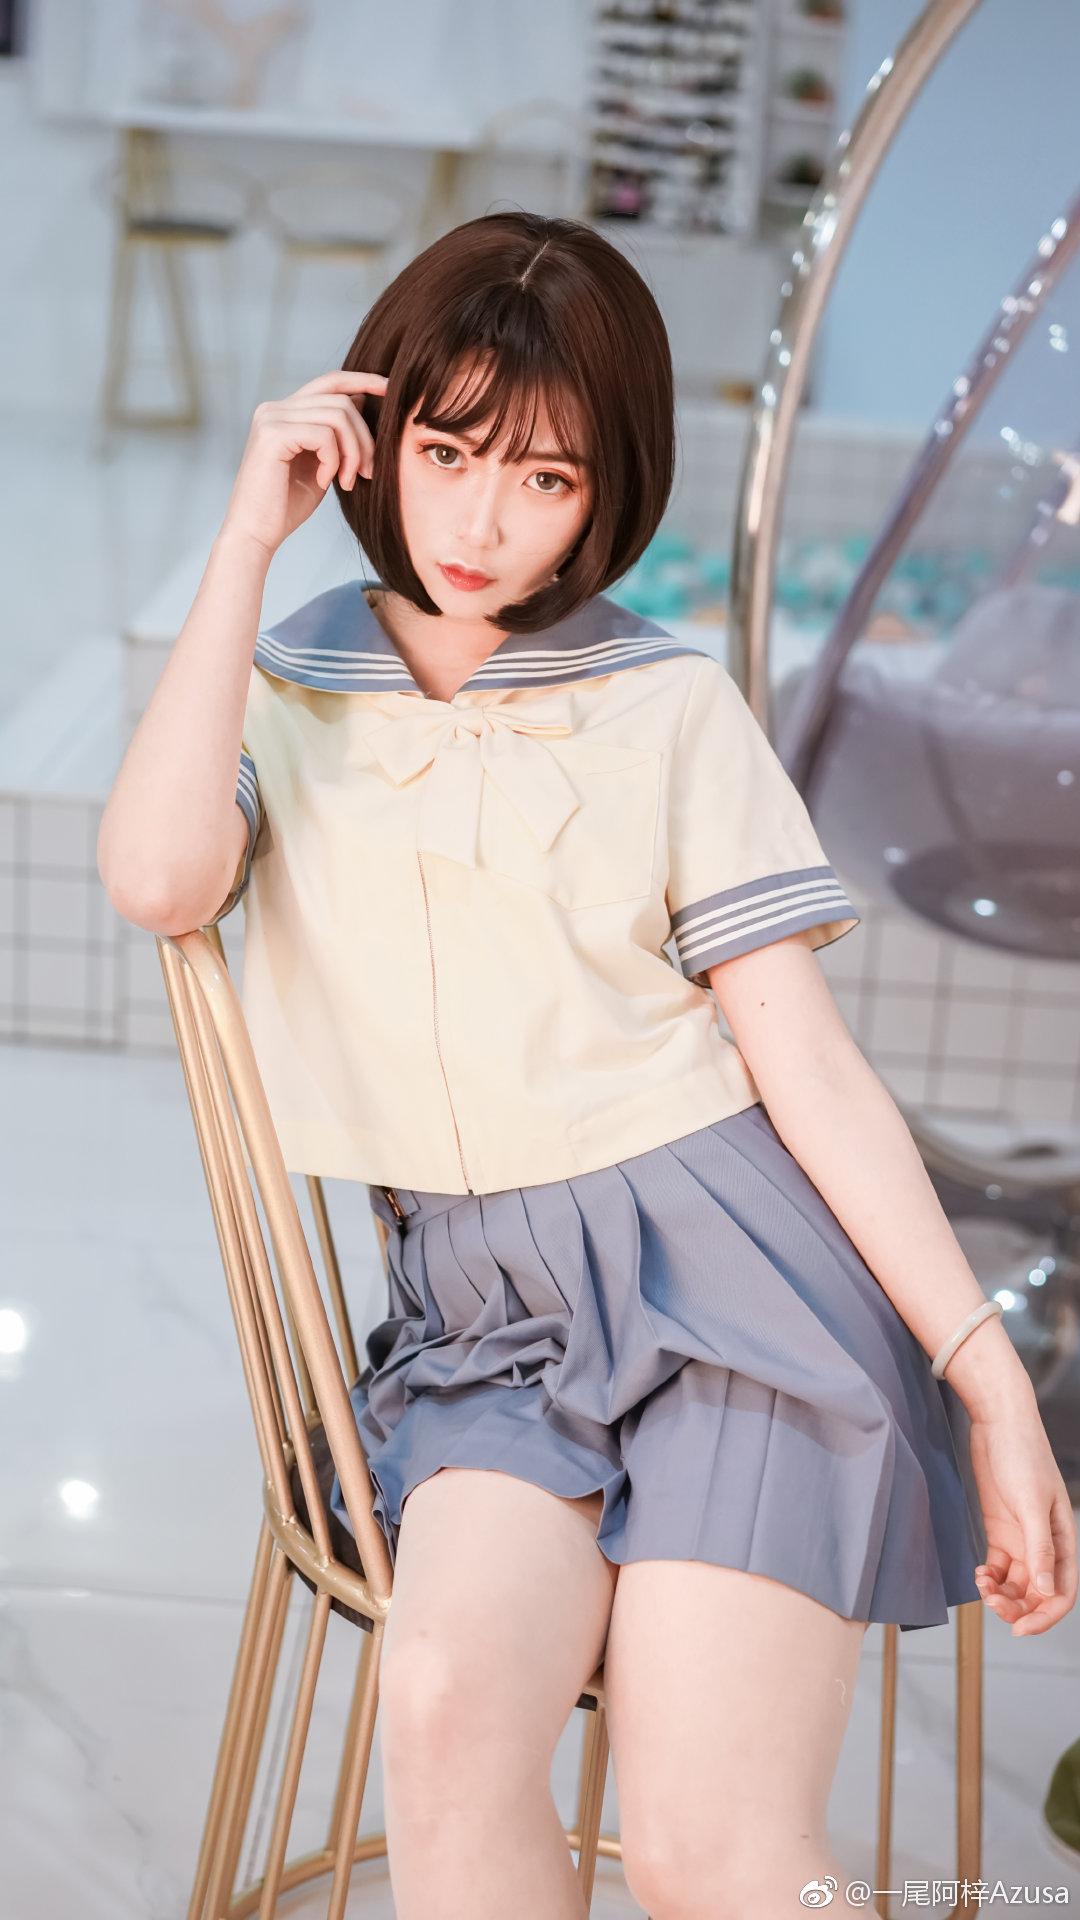 一尾阿梓Azusa微博近期图片收集,好漂亮的制服萌妹子(20P)